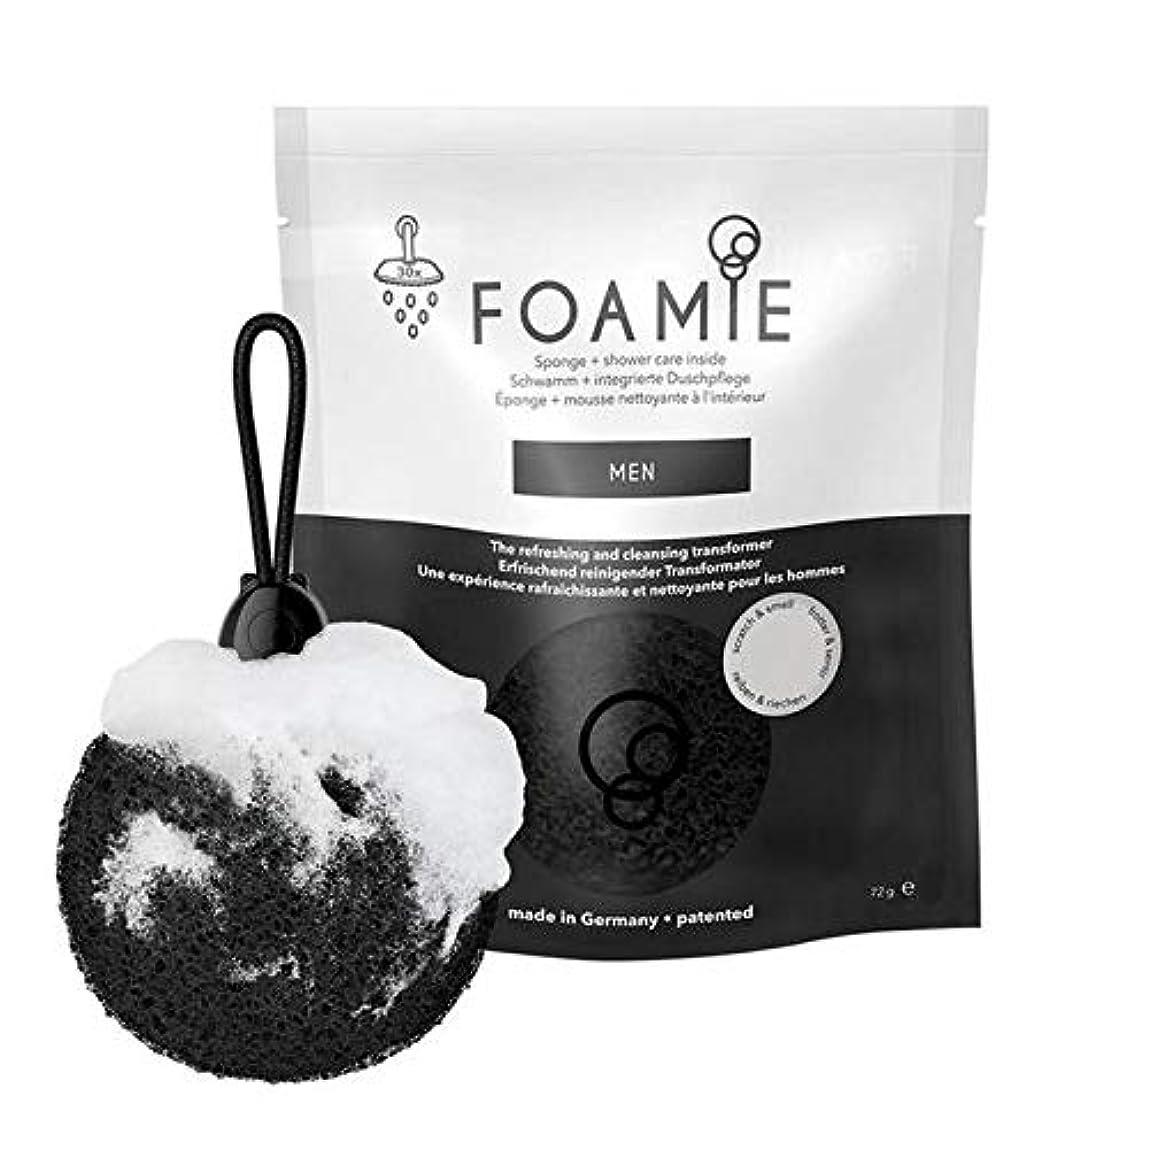 欲求不満フルーティー破壊的な[Foamie] Foamieメンズスポンジ&ボディウォッシュ - Foamie Men's Sponge & Body Wash [並行輸入品]